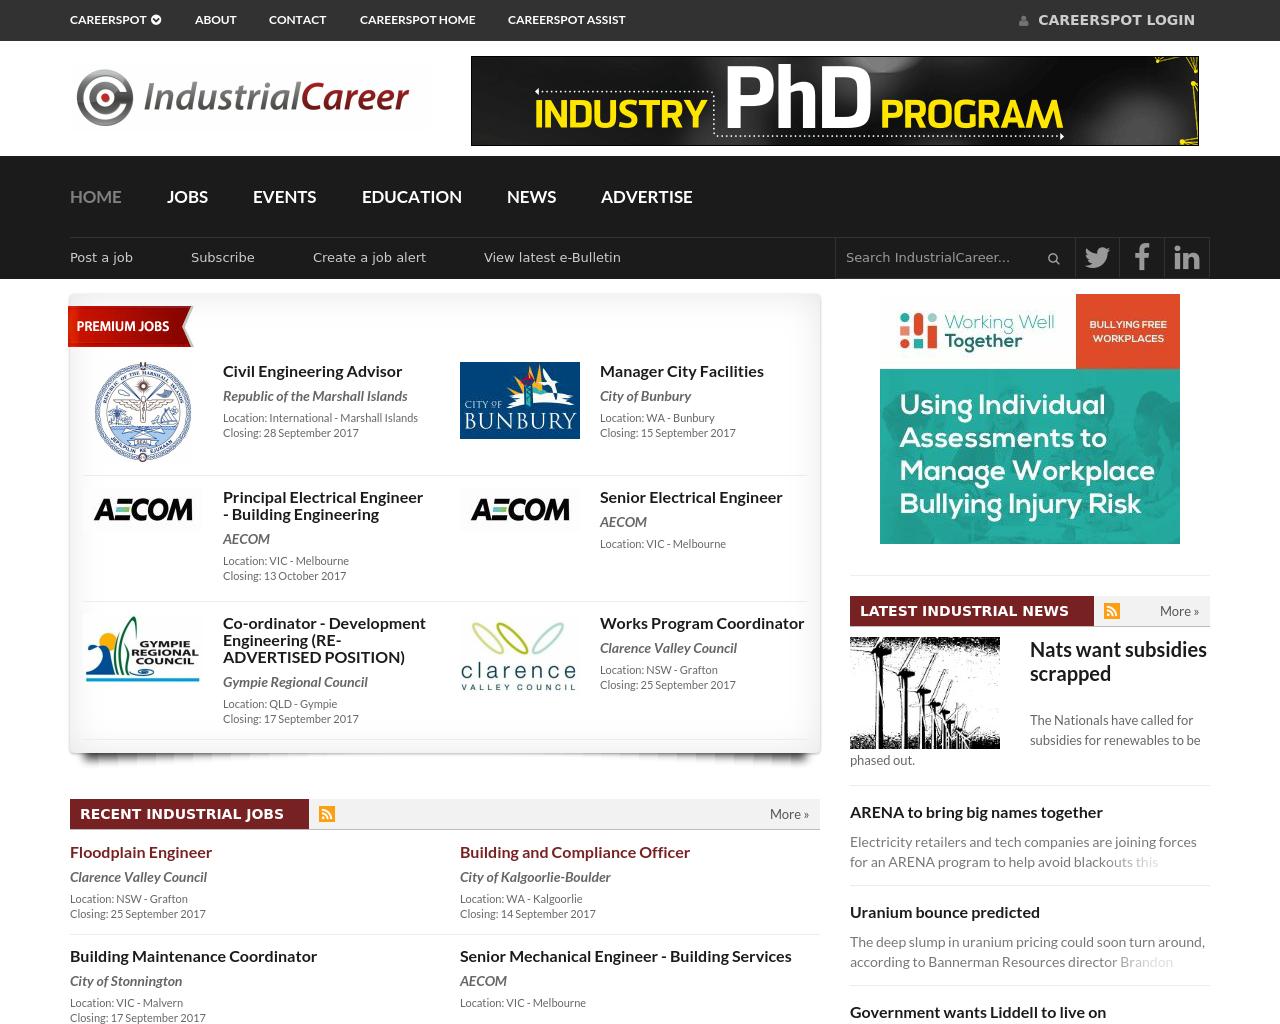 IndustrialCareer-Advertising-Reviews-Pricing